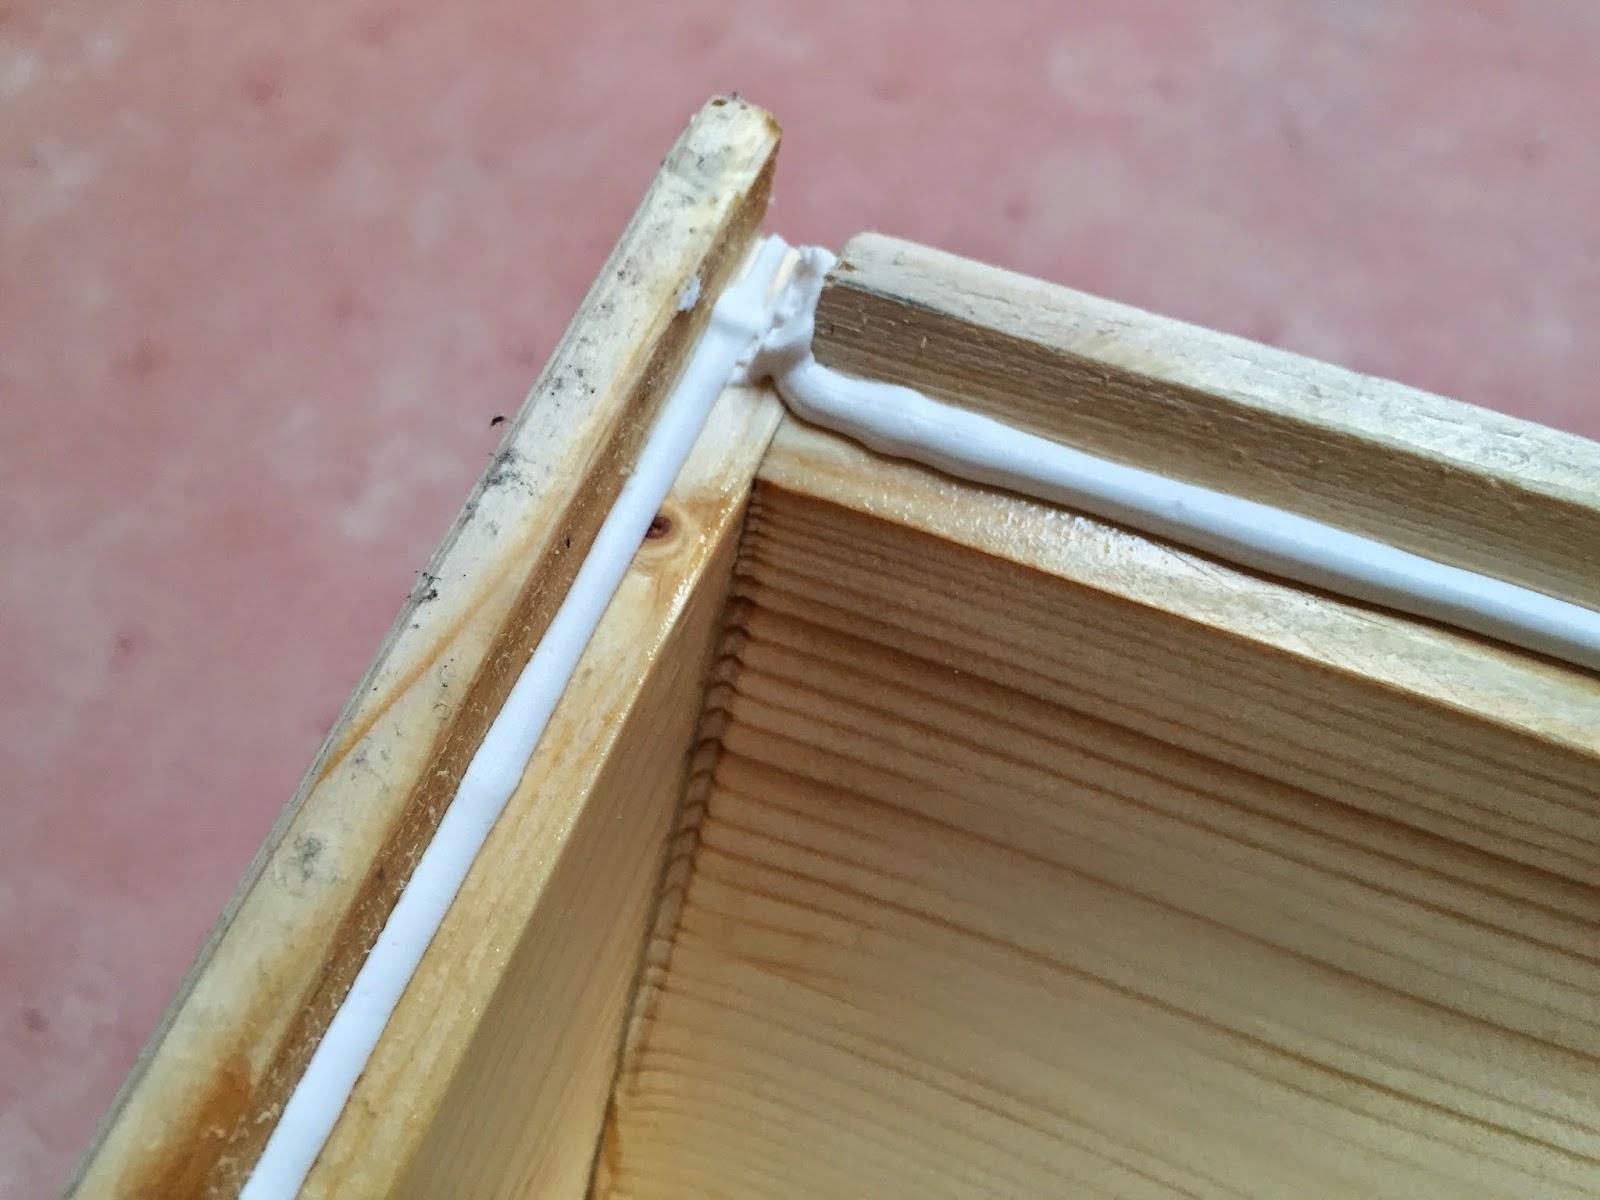 Insektenschutz Dachfenster Selber Bauen. insektenschutz ...